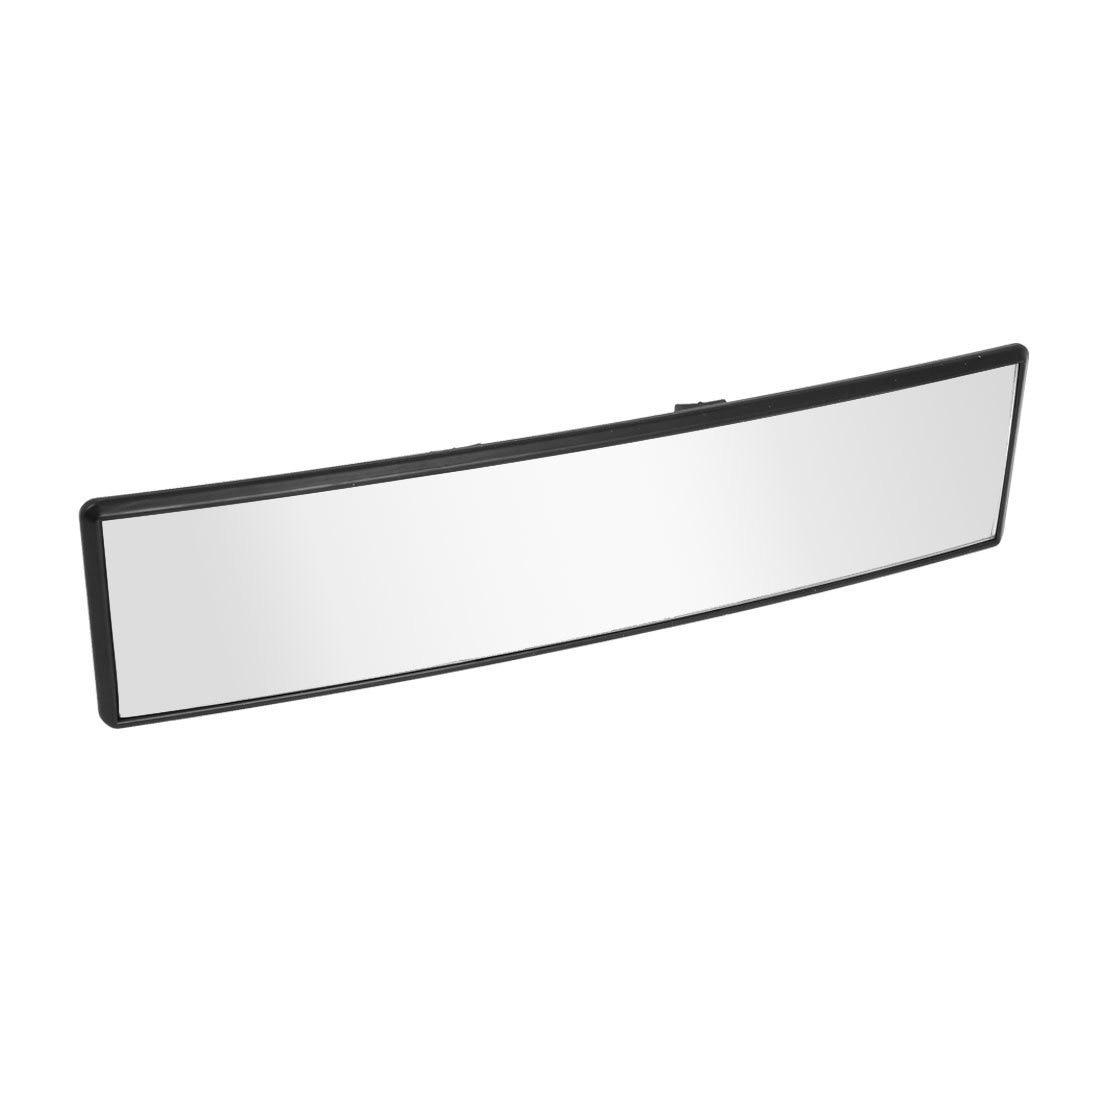 300mm largo Car rear view mirror per uso interno curva panorama posteriore interno nero